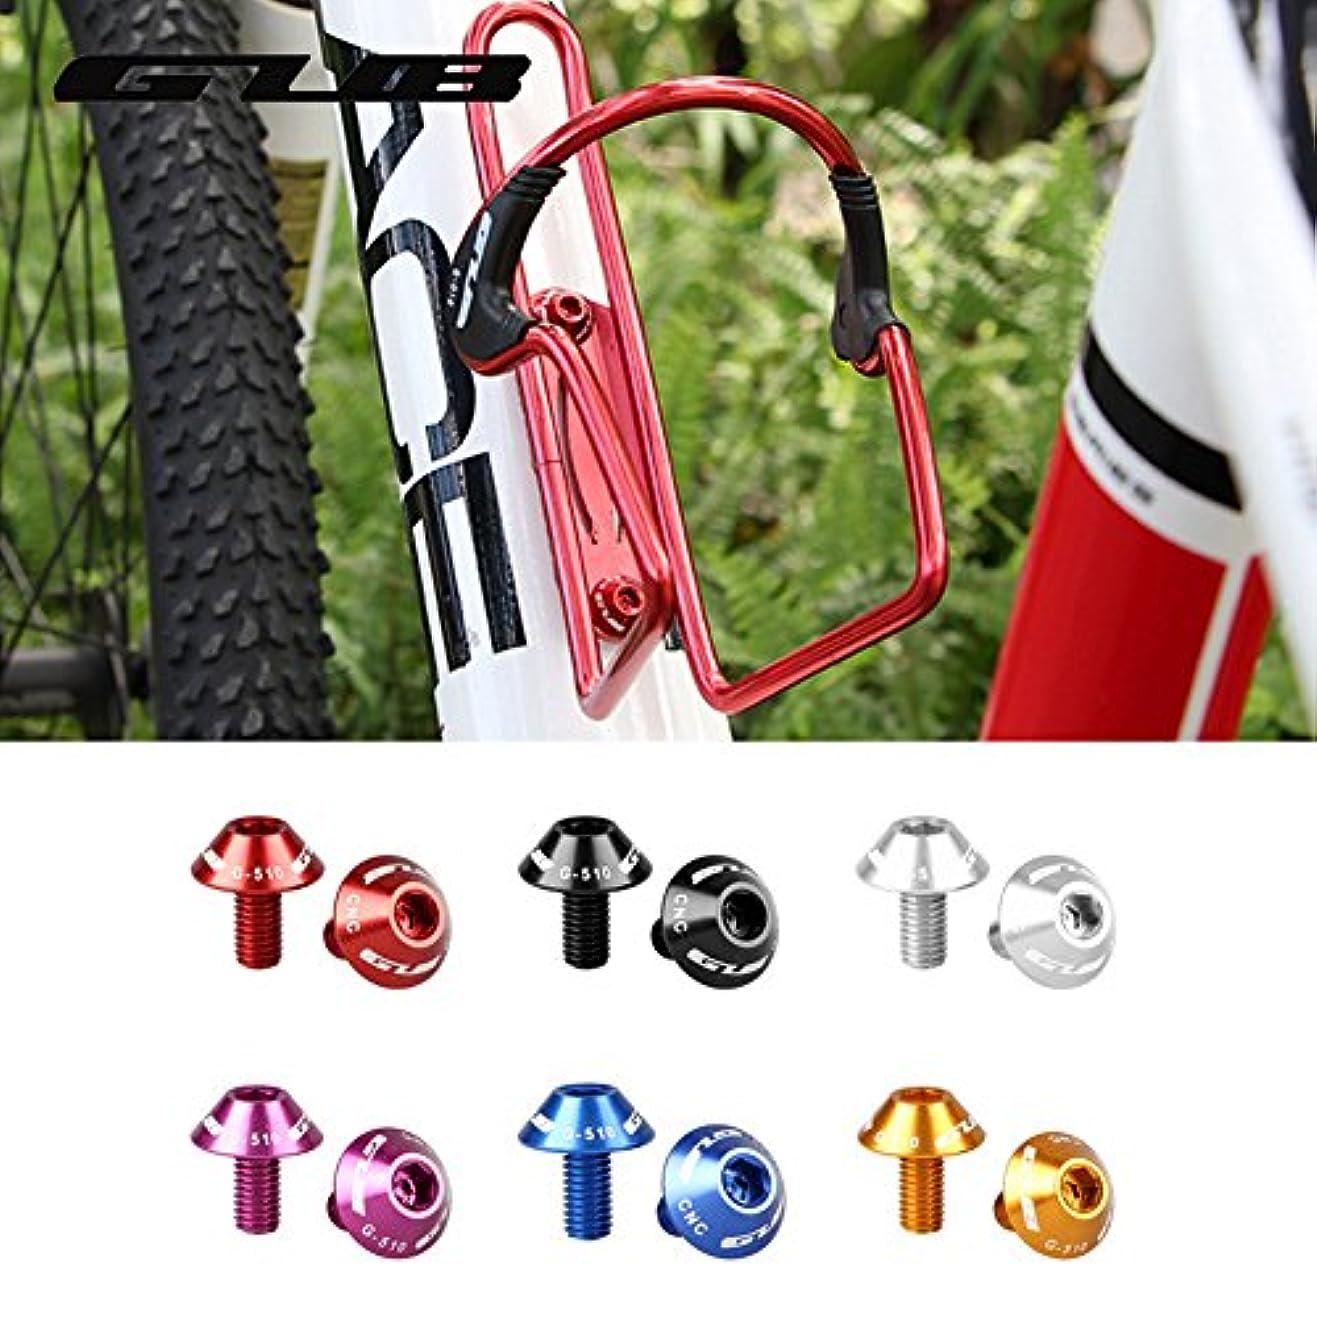 表現徐々に歌詞4Pcs GUB G-510 Colorful CNC AL7075 M5 x 12mm Holder Torx Head Bolt Screw for Bicycle Water Bottle Cage